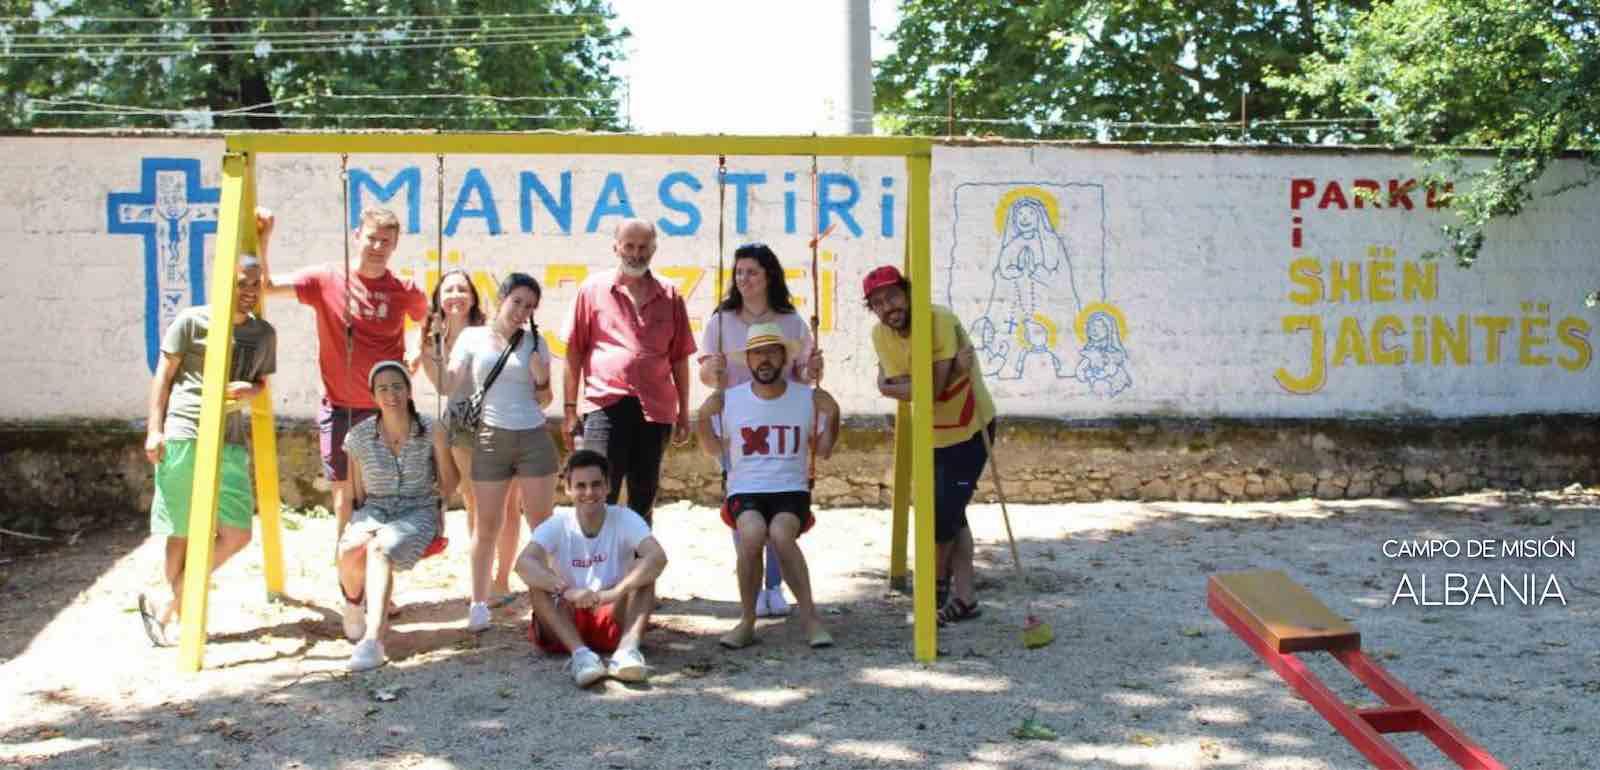 Albania texto blanco